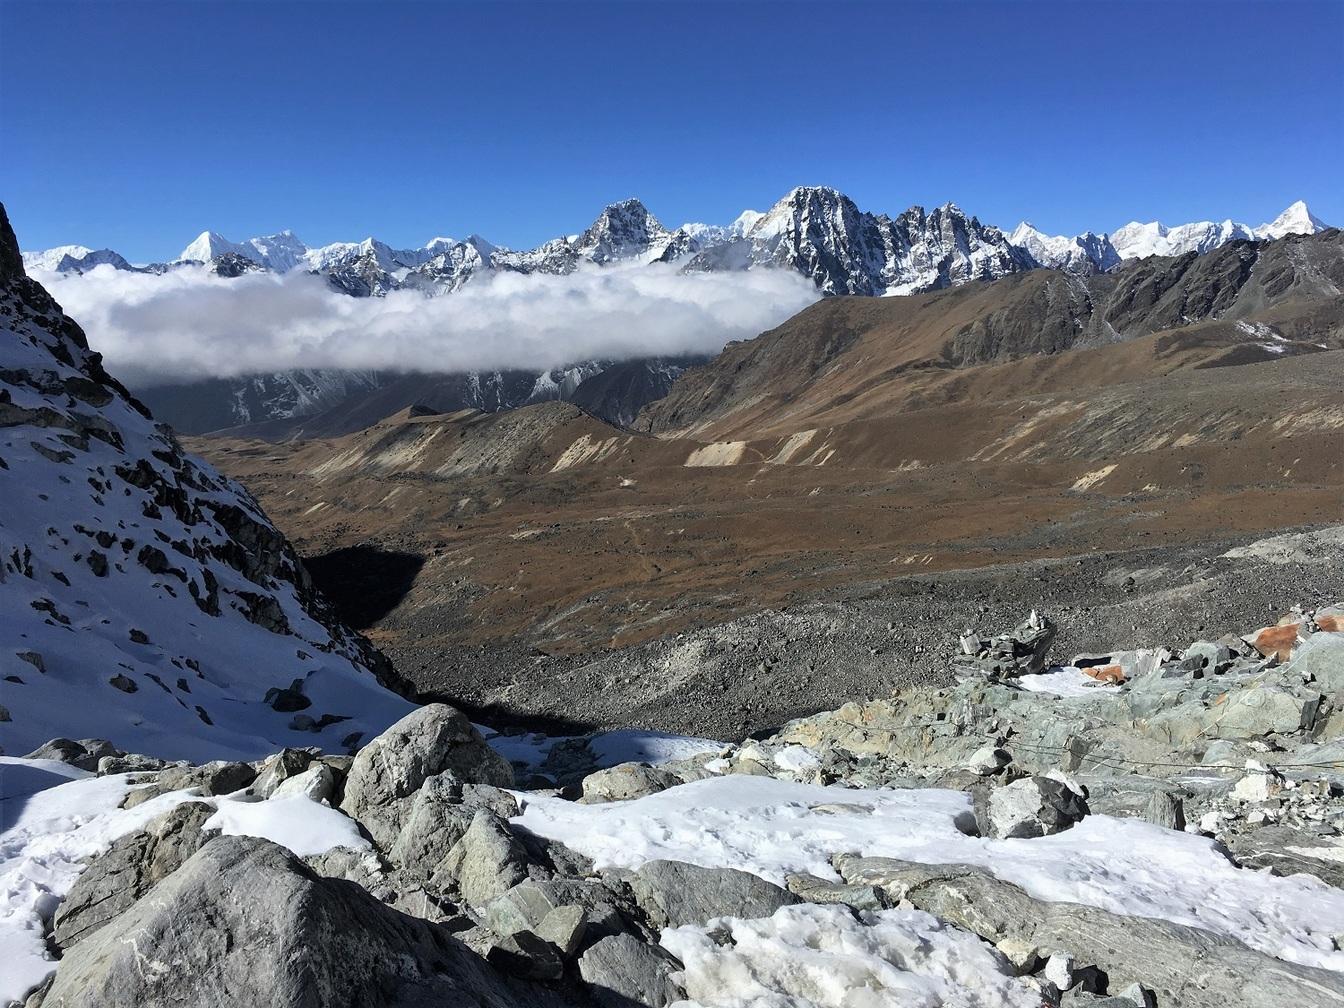 Le dernier message troublant d'un alpiniste mort sur l'Everest